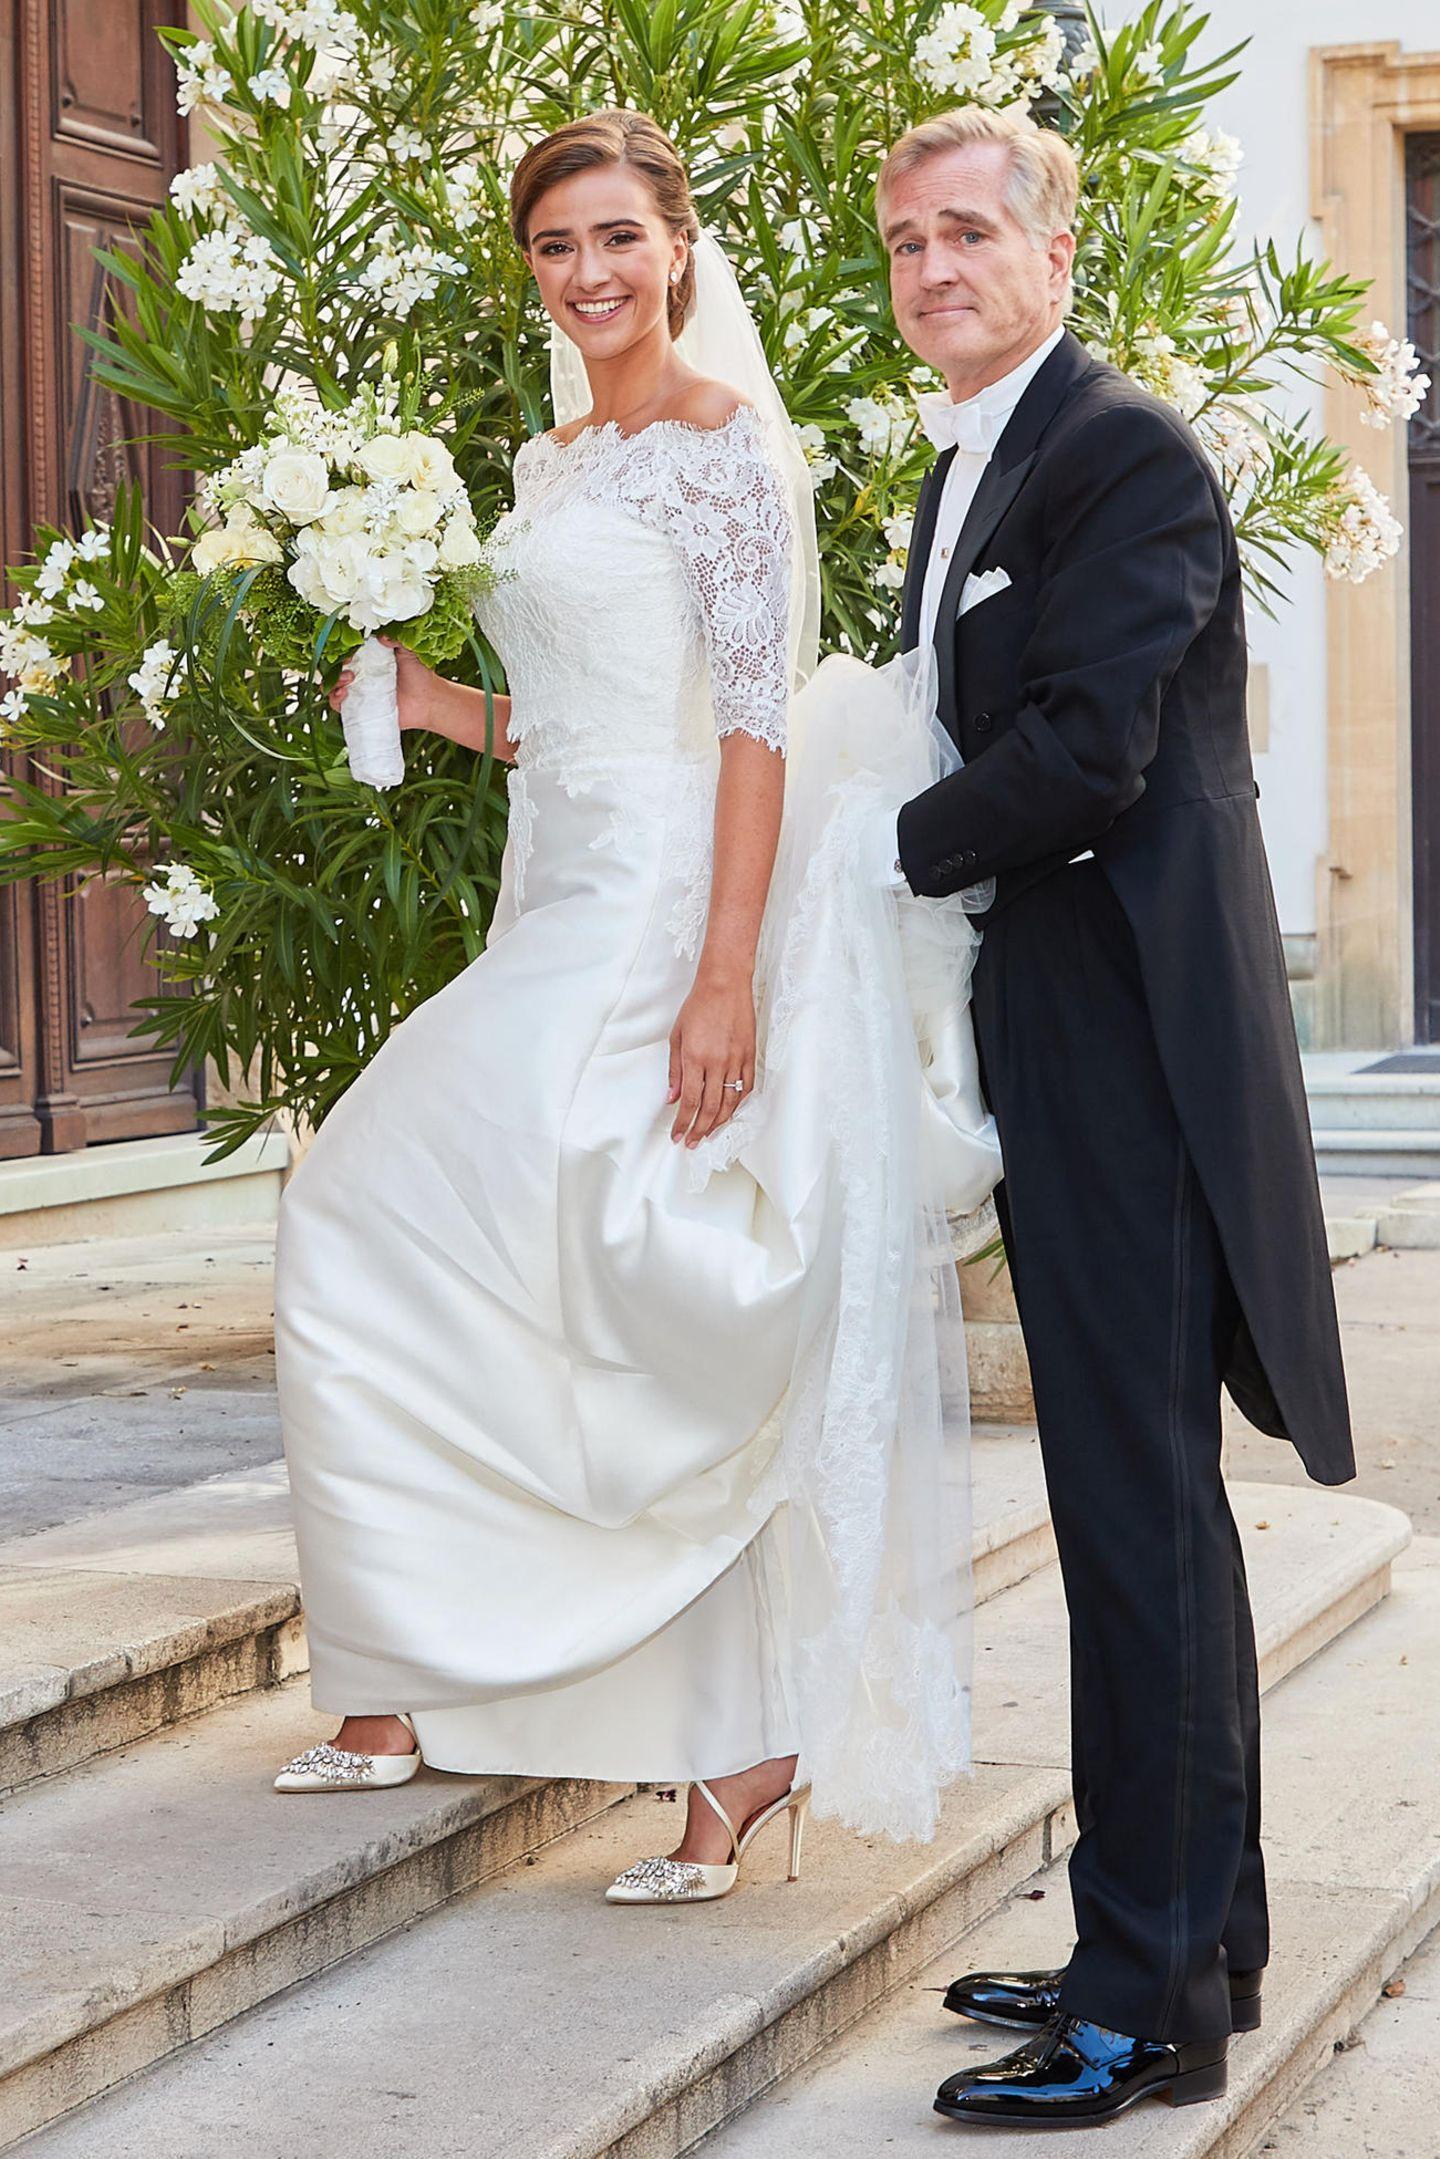 Auf dem Weg zum Ja-Wort: Auch Sophias Brautschuhe sind ein echter Hingucker! Sie trägt spitze Satin-Pumps mit funkelnden Applikationen und einem filigranen Band.